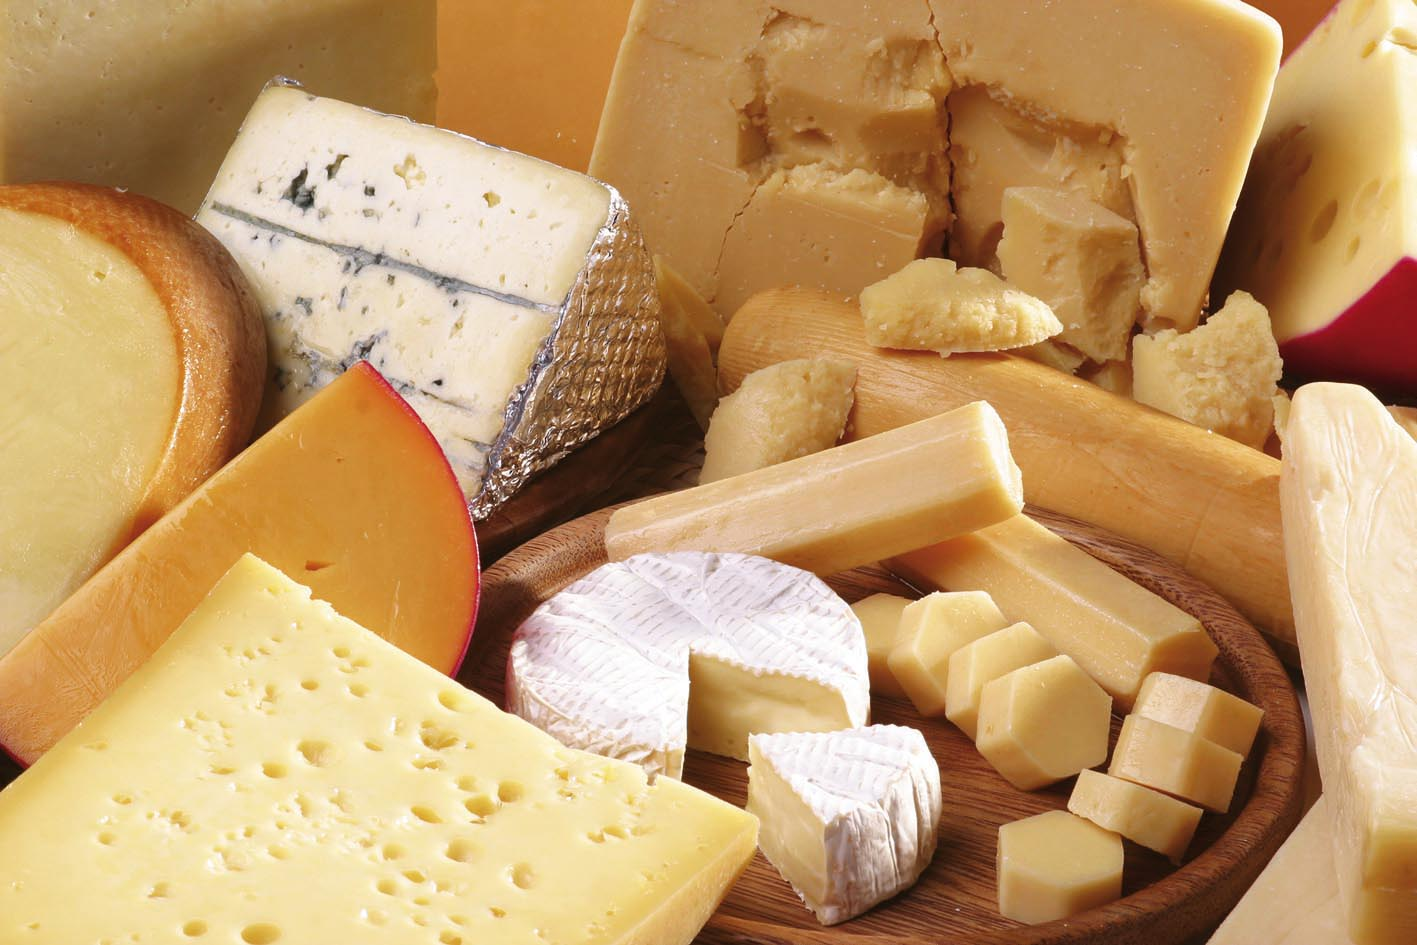 I formaggi a breve stagionatura o da latte crudo sono da evitare in gravidanza